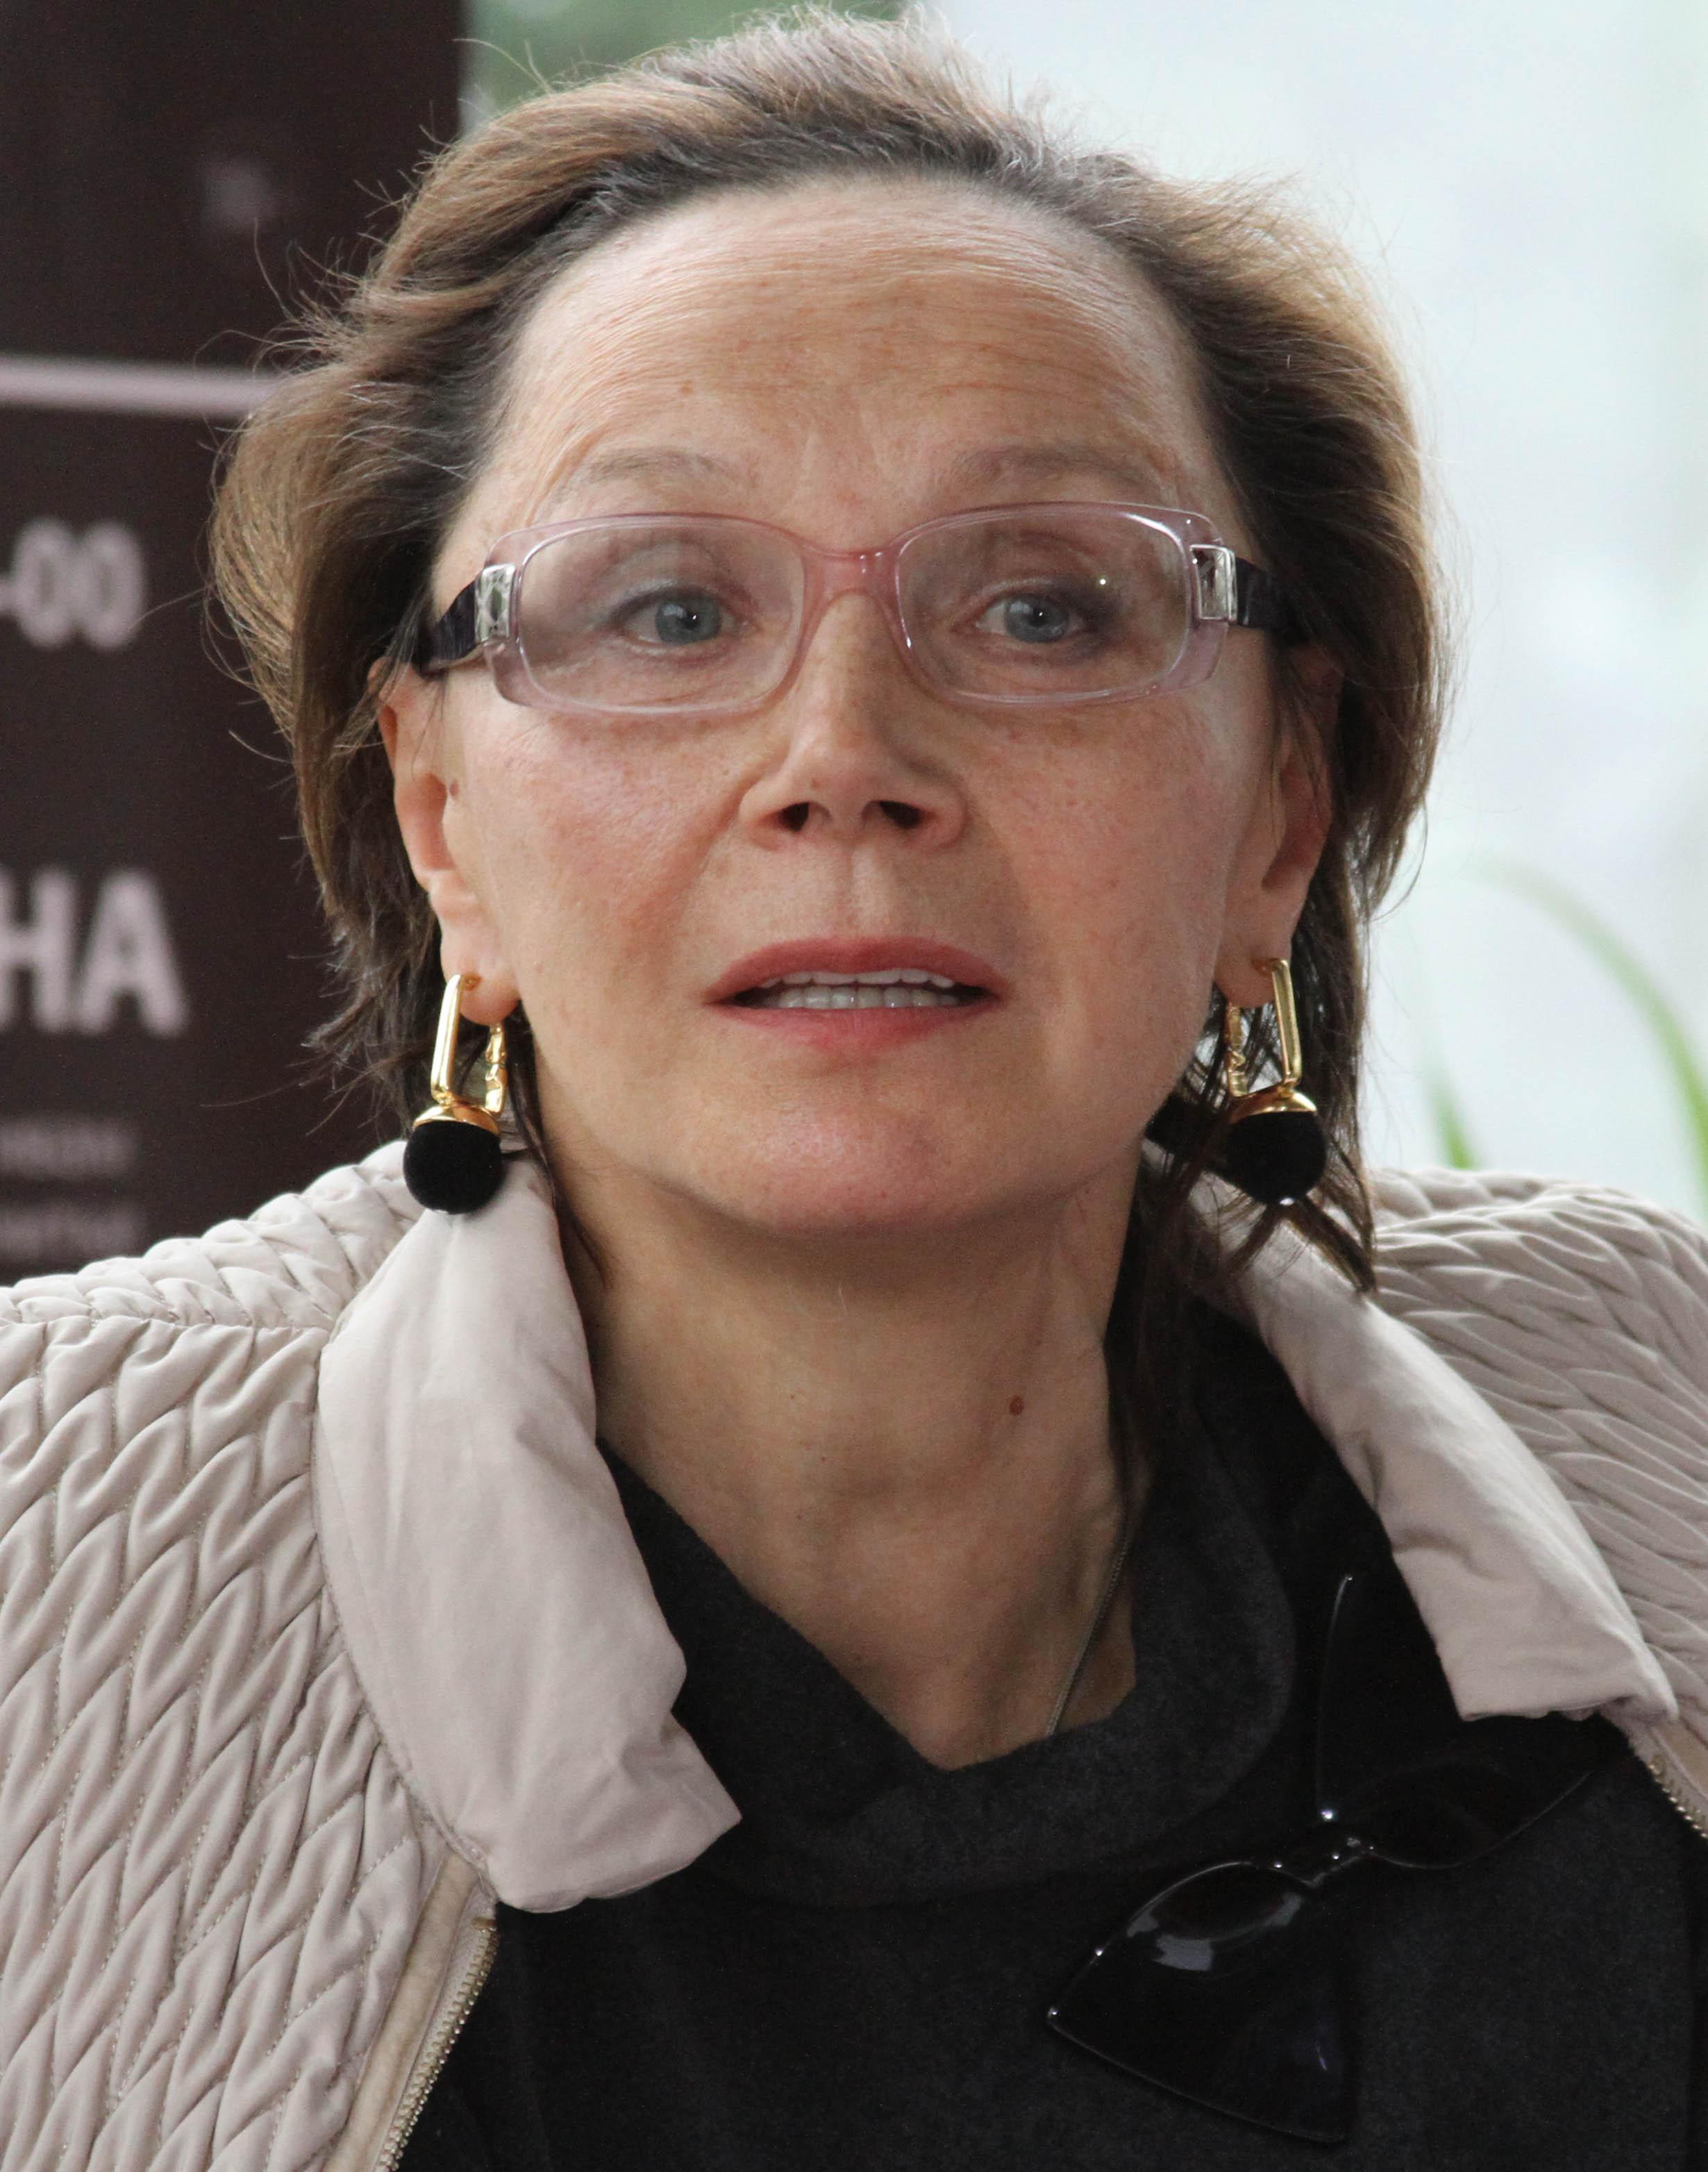 Алла Демидова (актриса) биография, фото, личная жизнь, новости 2018 рекомендации